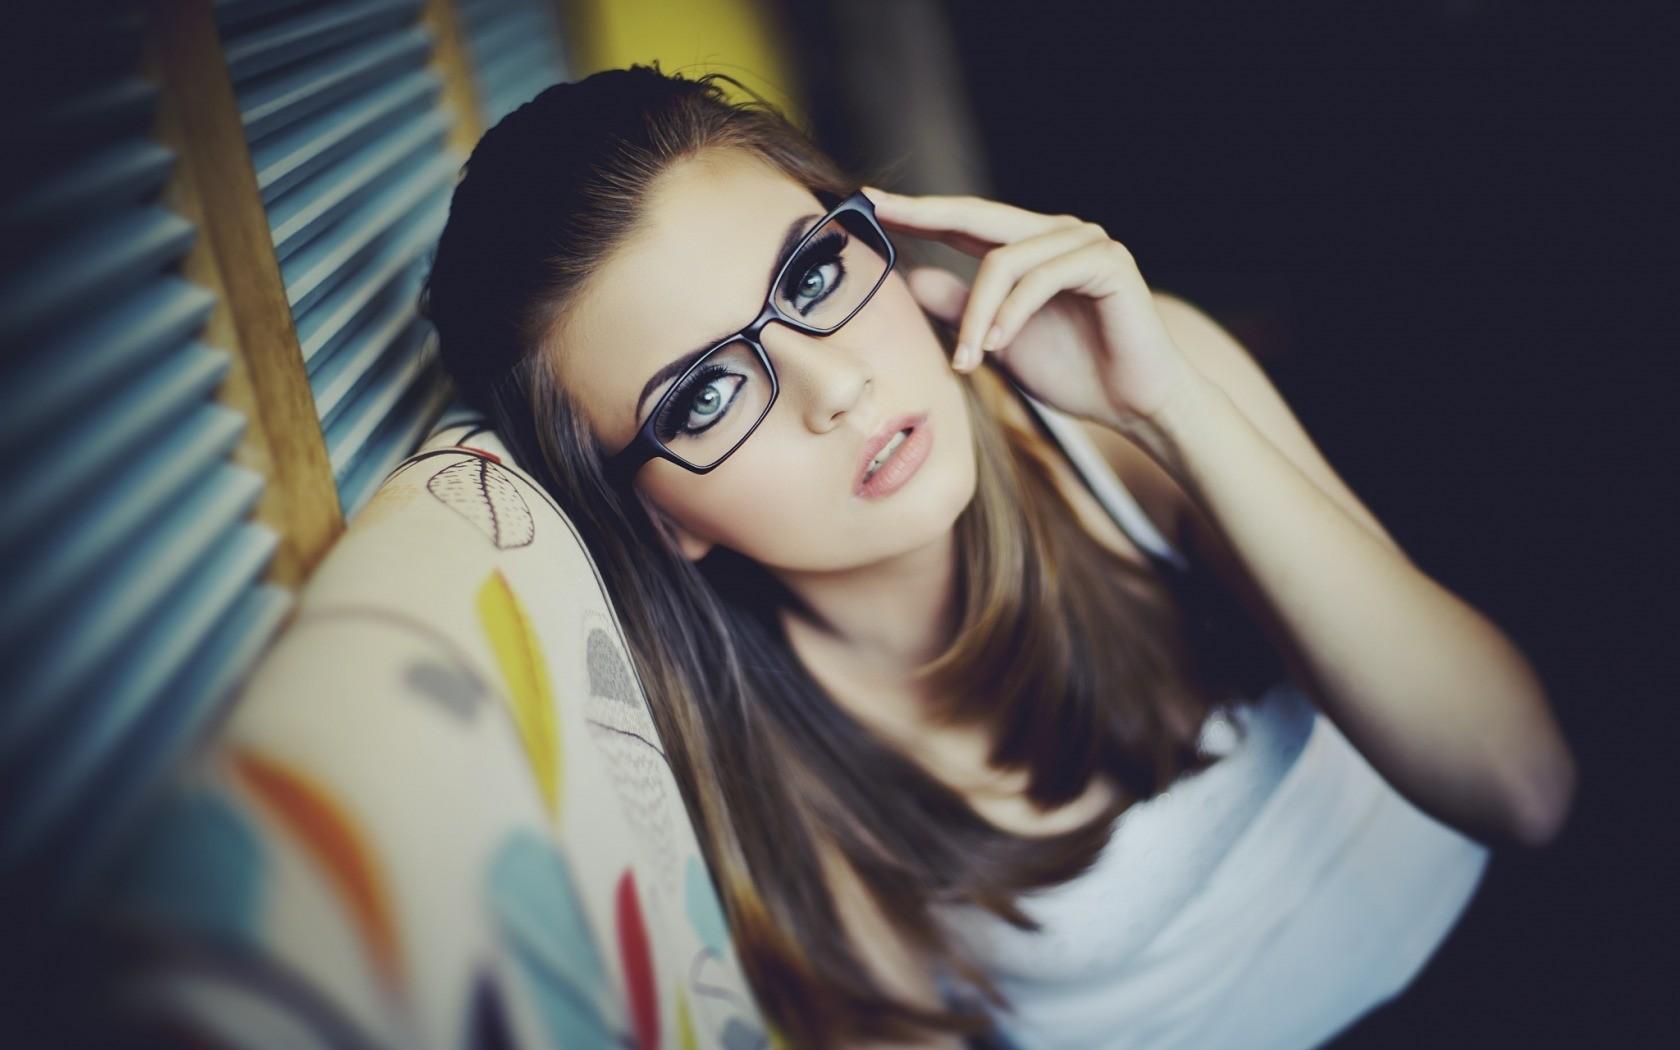 Cool girl pics — pic 6